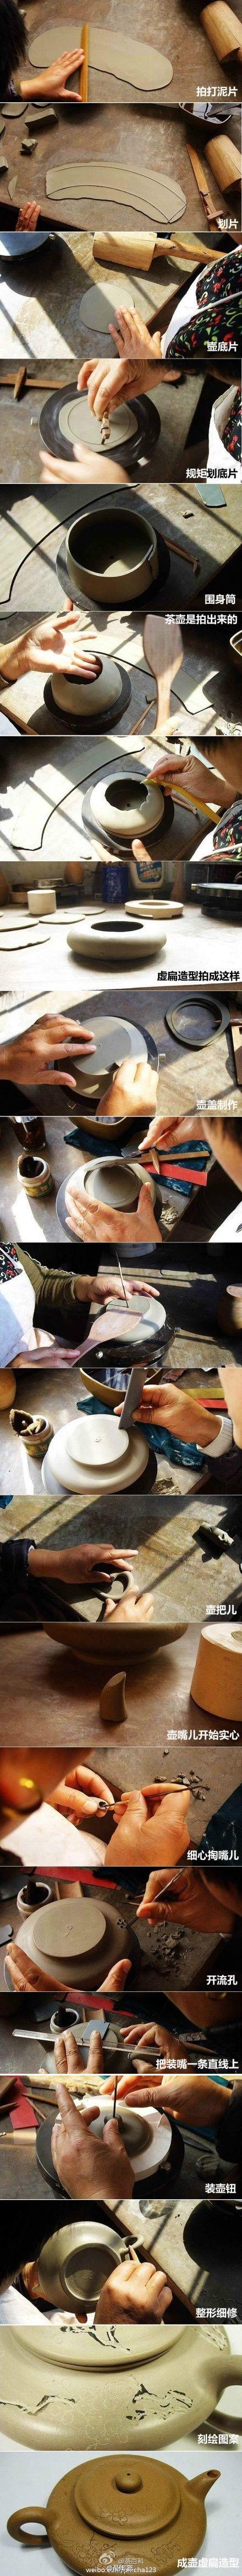 Making a tea pot